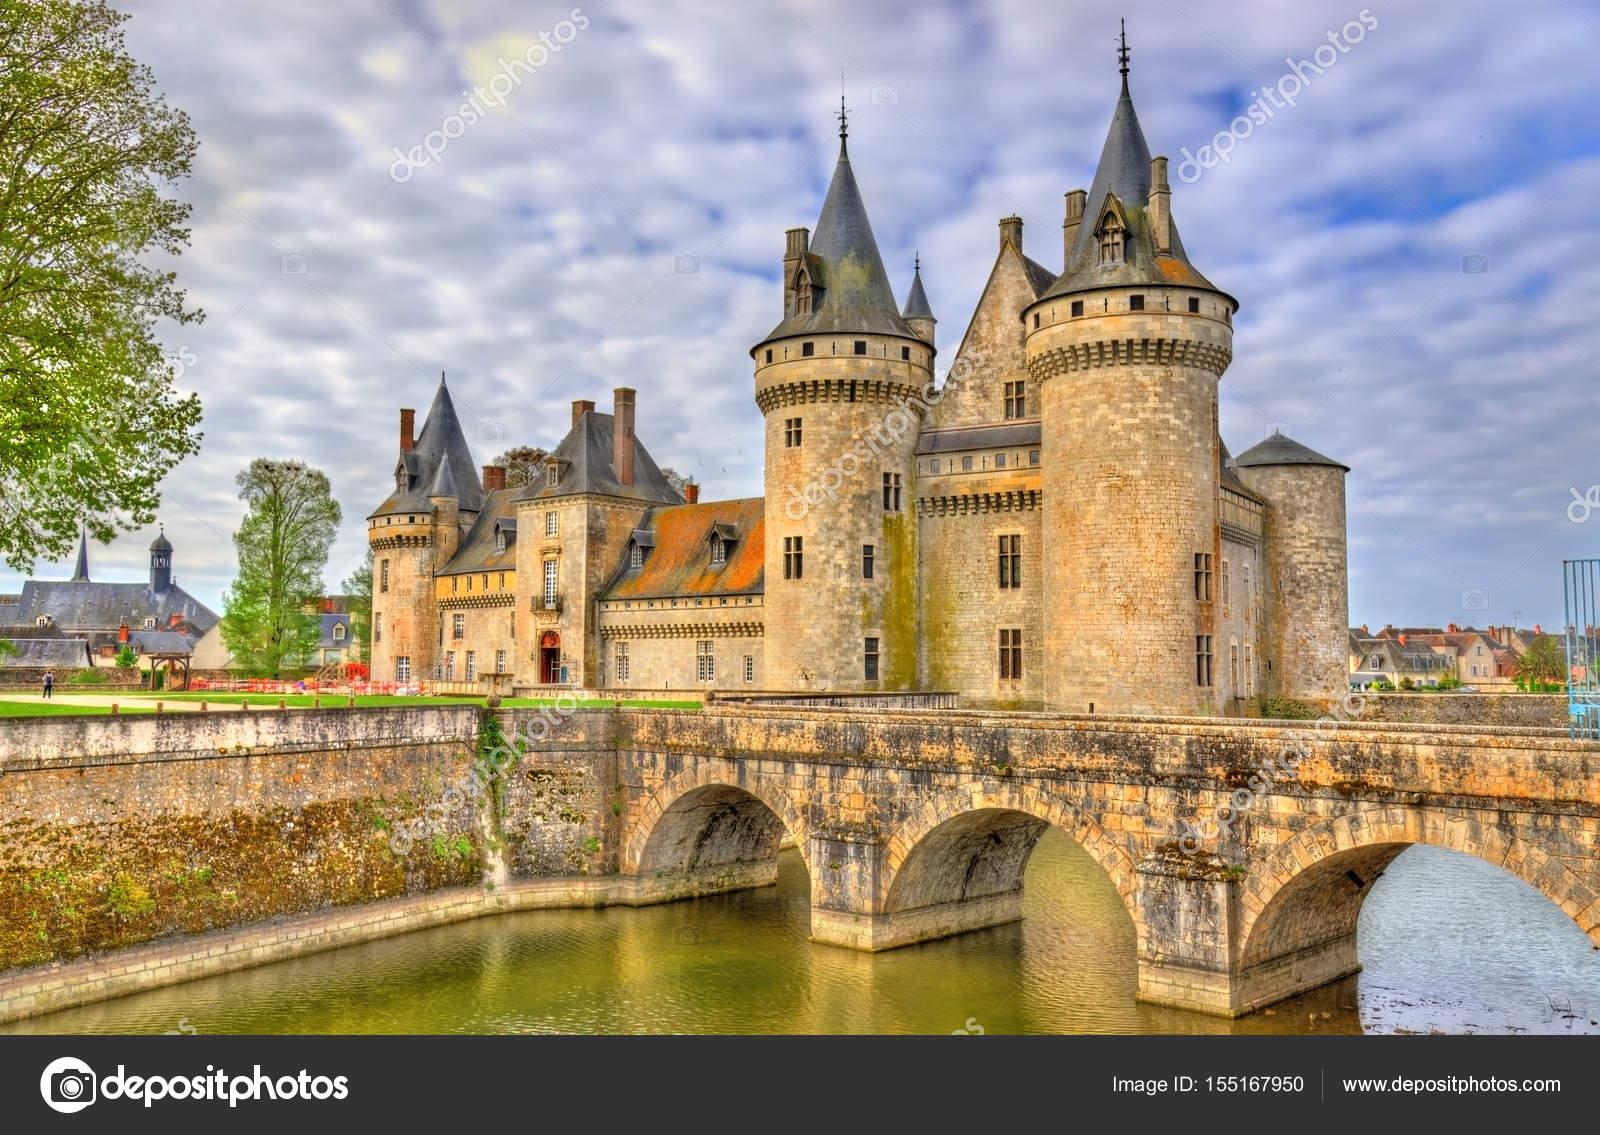 Chateau de sully sur loire en la del valle del loira for Clair logis sully sur loire